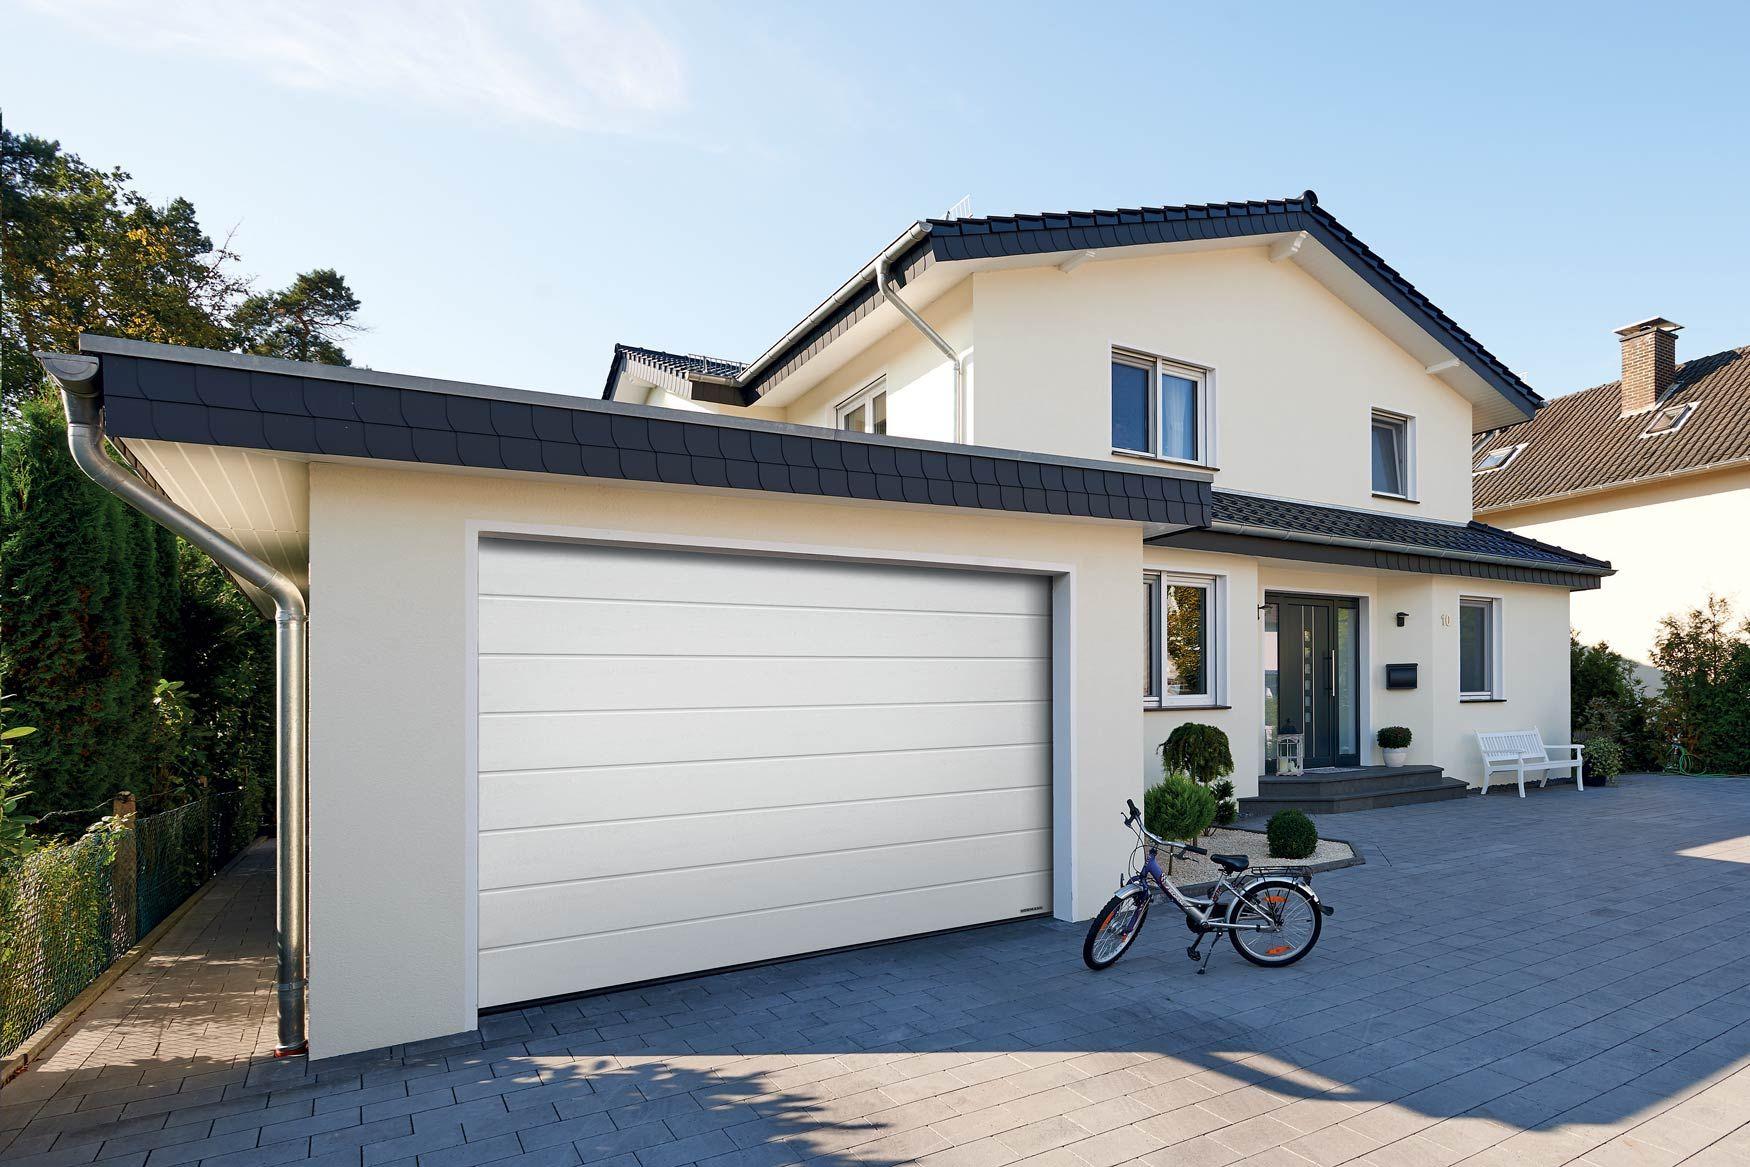 Nouvelles Portes De Garage Sectionnelles Renomatic D Hormann En 2020 Porte Garage Garage Porte De Garage Sectionnelle